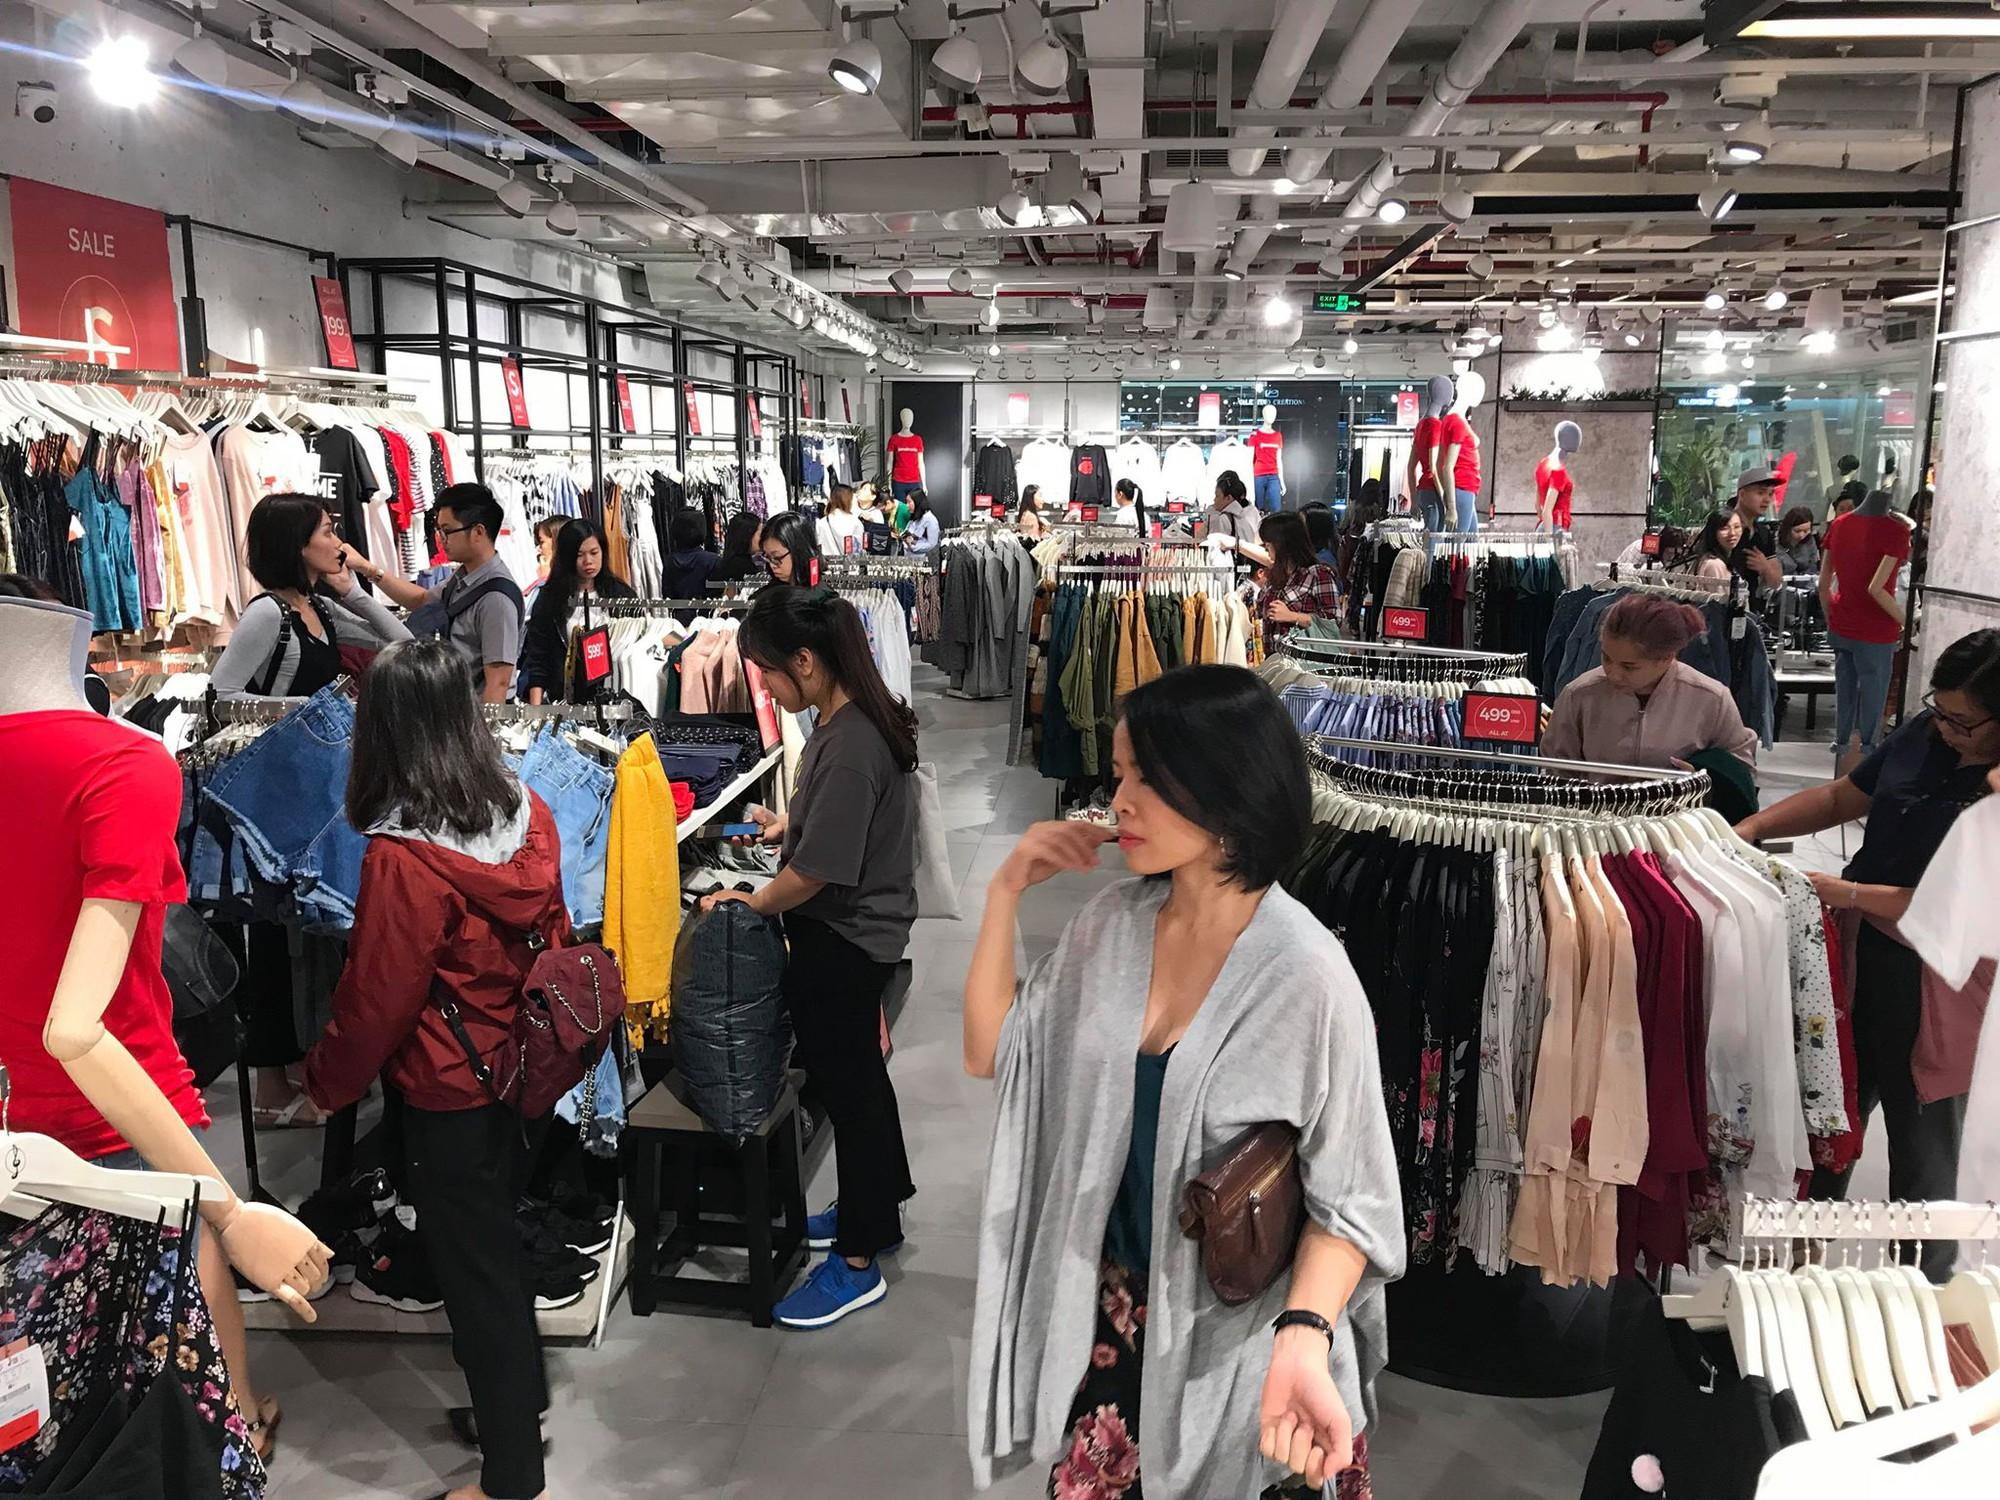 Zara Sài Gòn và Hà Nội đông nghịt, dân tình xếp hàng dài ngay ngày đầu tiên giảm giá - Ảnh 22.